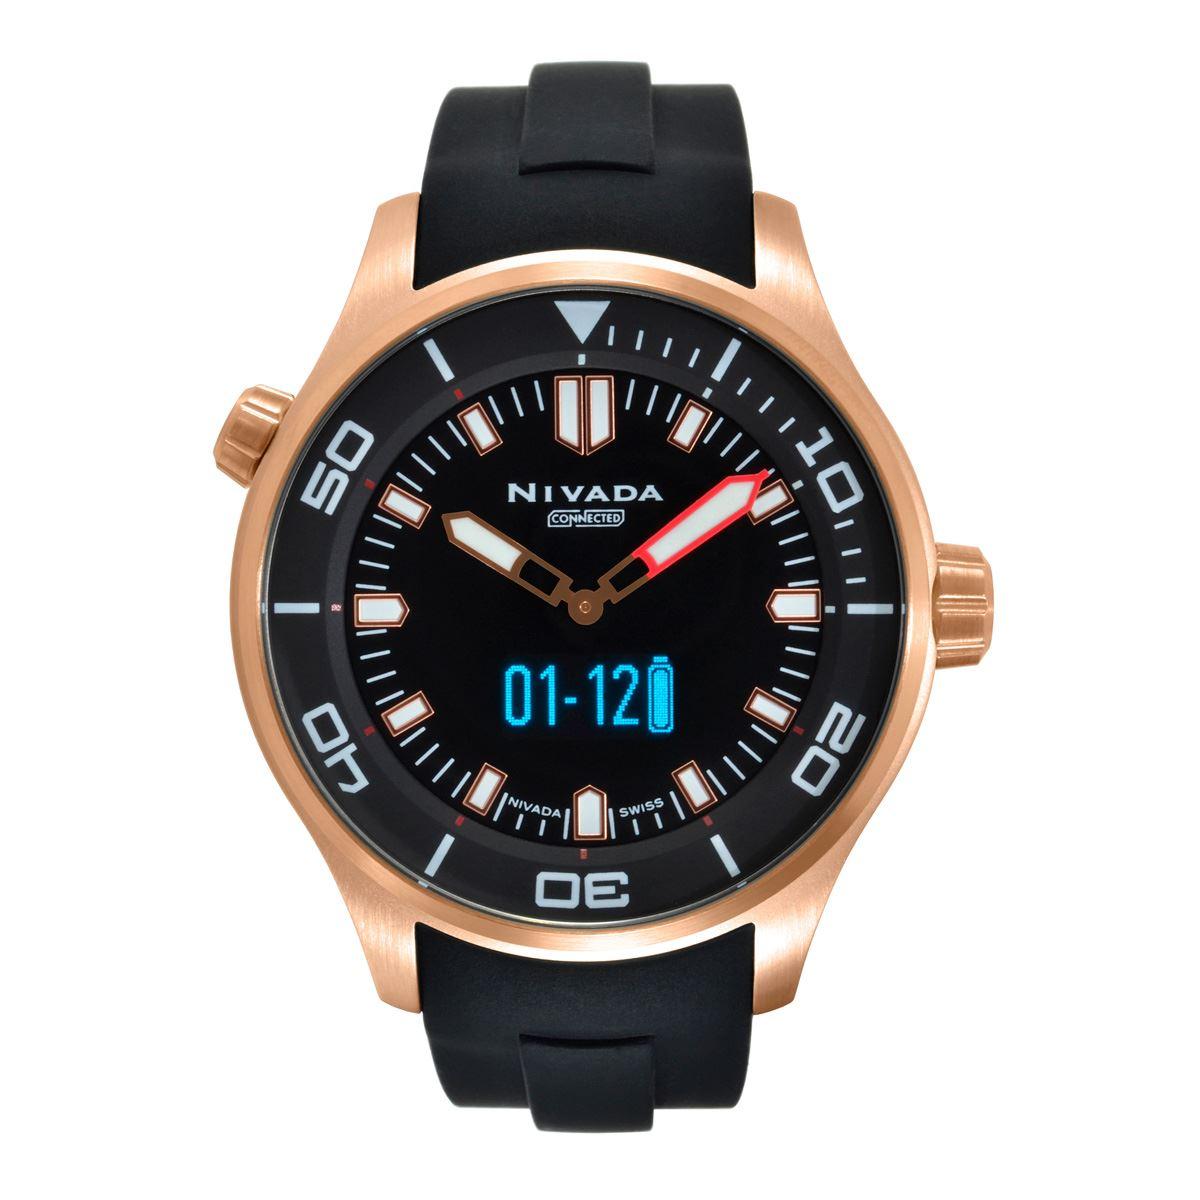 Reloj nivada np17013mdona  - Sanborns